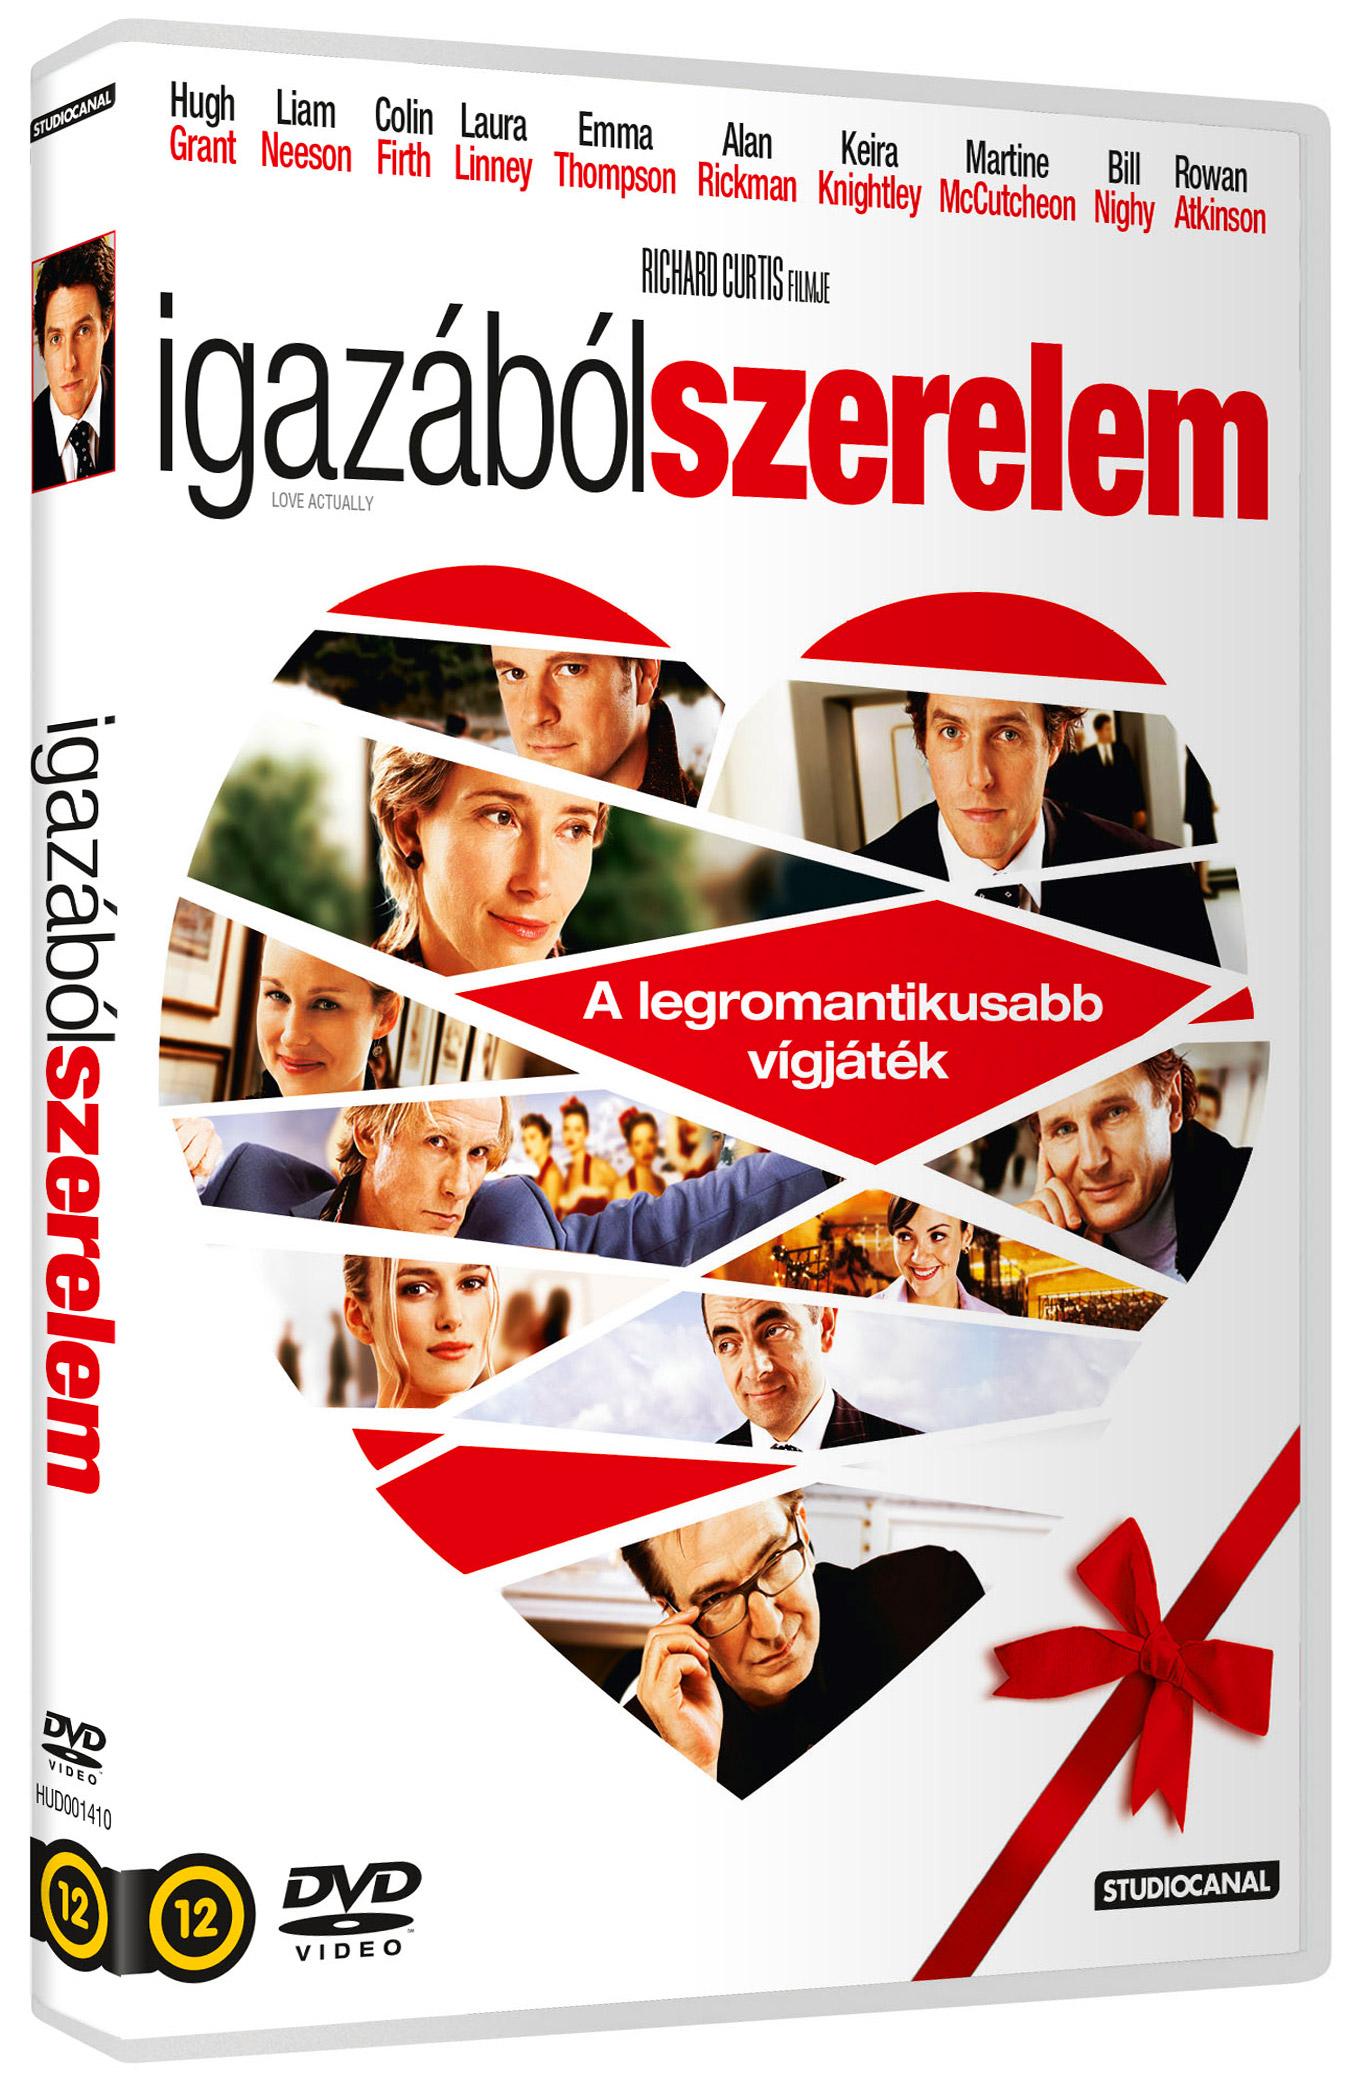 Igazából szerelem DVD